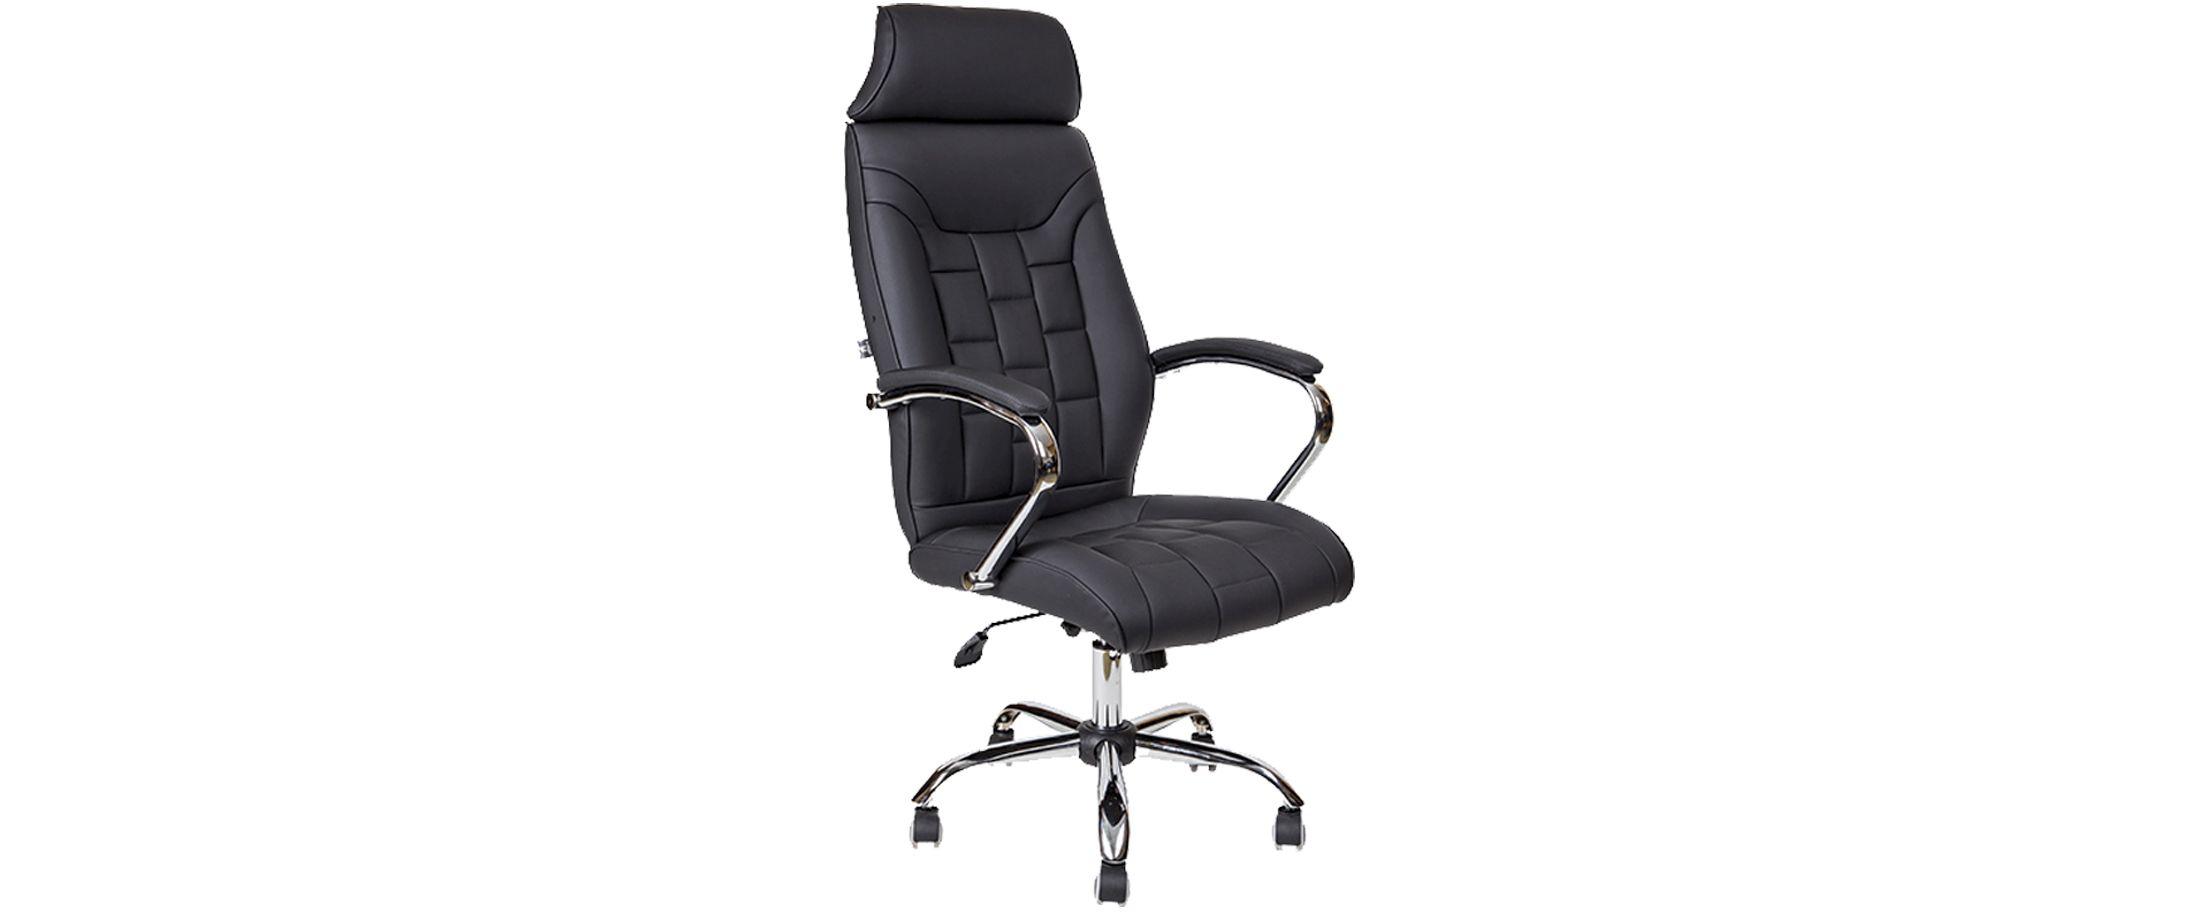 Кресло офисное AV 130 из экокожи цвет черный Модель 999Кресло офисное AV 130 из экокожи цвет черный Модель 999. Артикул Д000719<br>